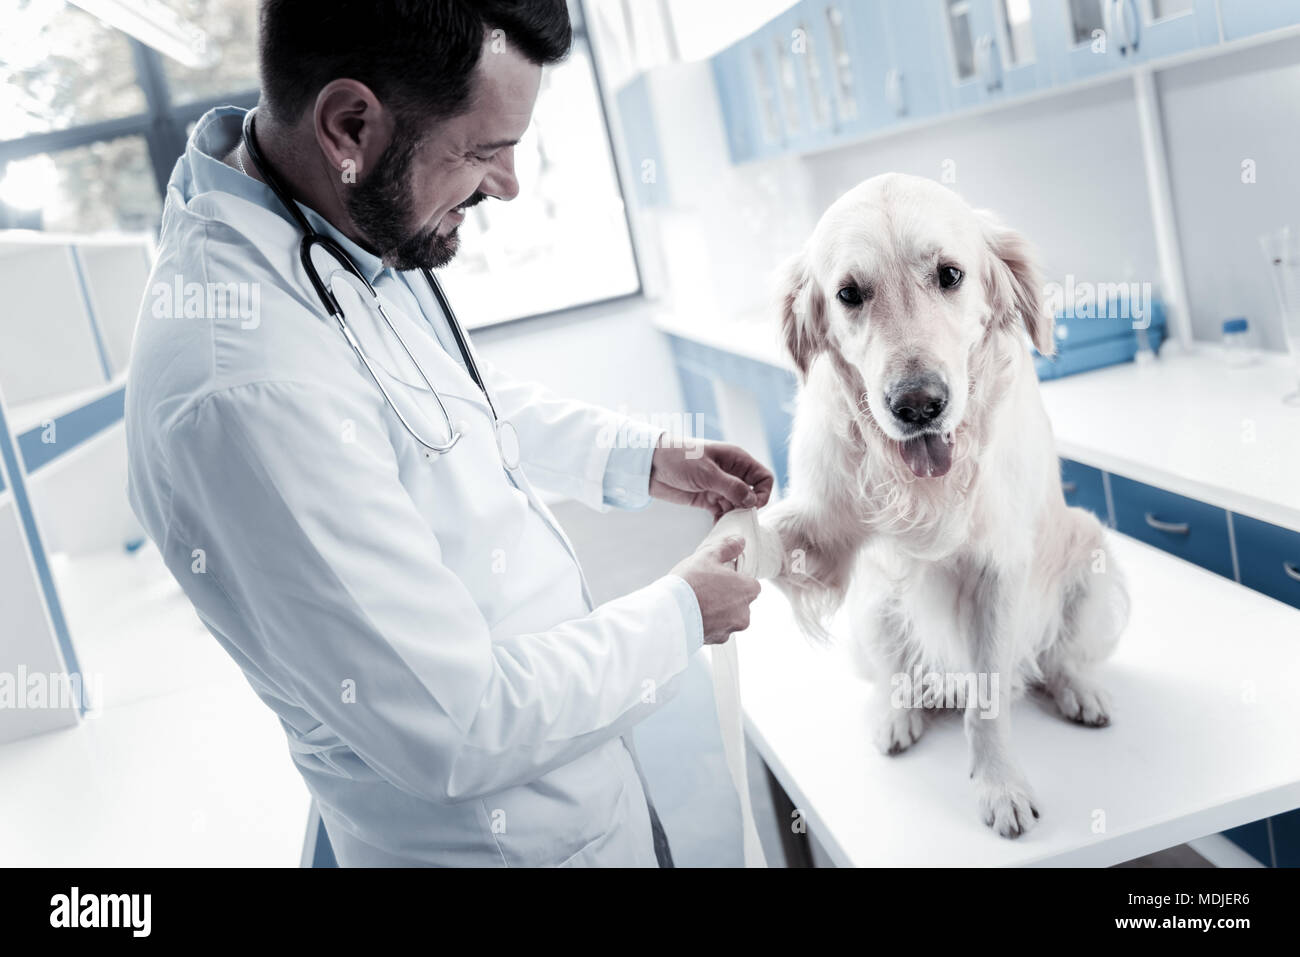 Nizza allegro medico tenendo una zampa di cani Immagini Stock